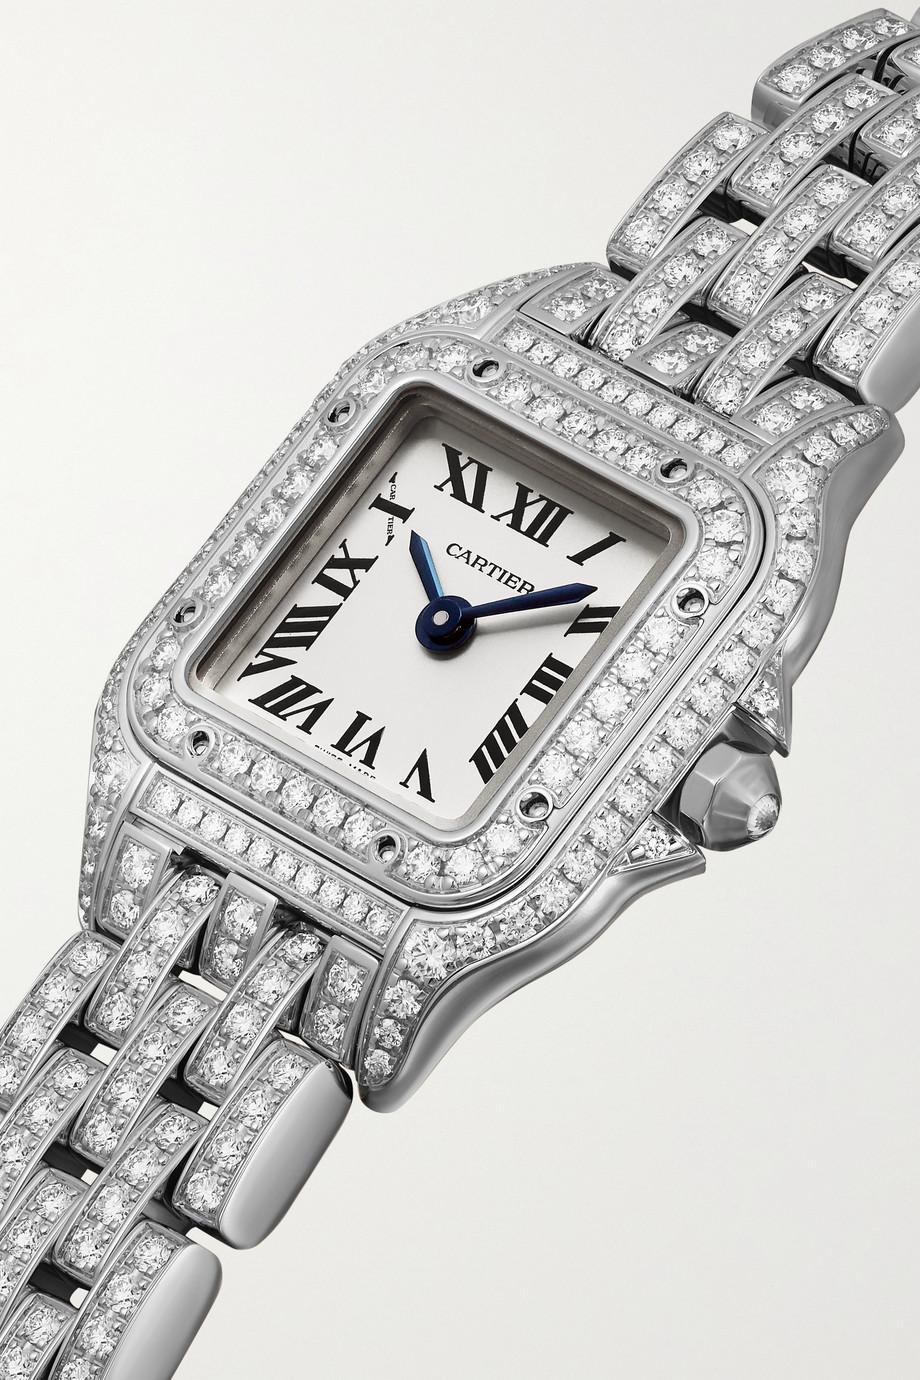 Cartier Panthère de Cartier 25 mm mini Uhr aus rhodiniertem 18 Karat Weißgold mit Diamanten